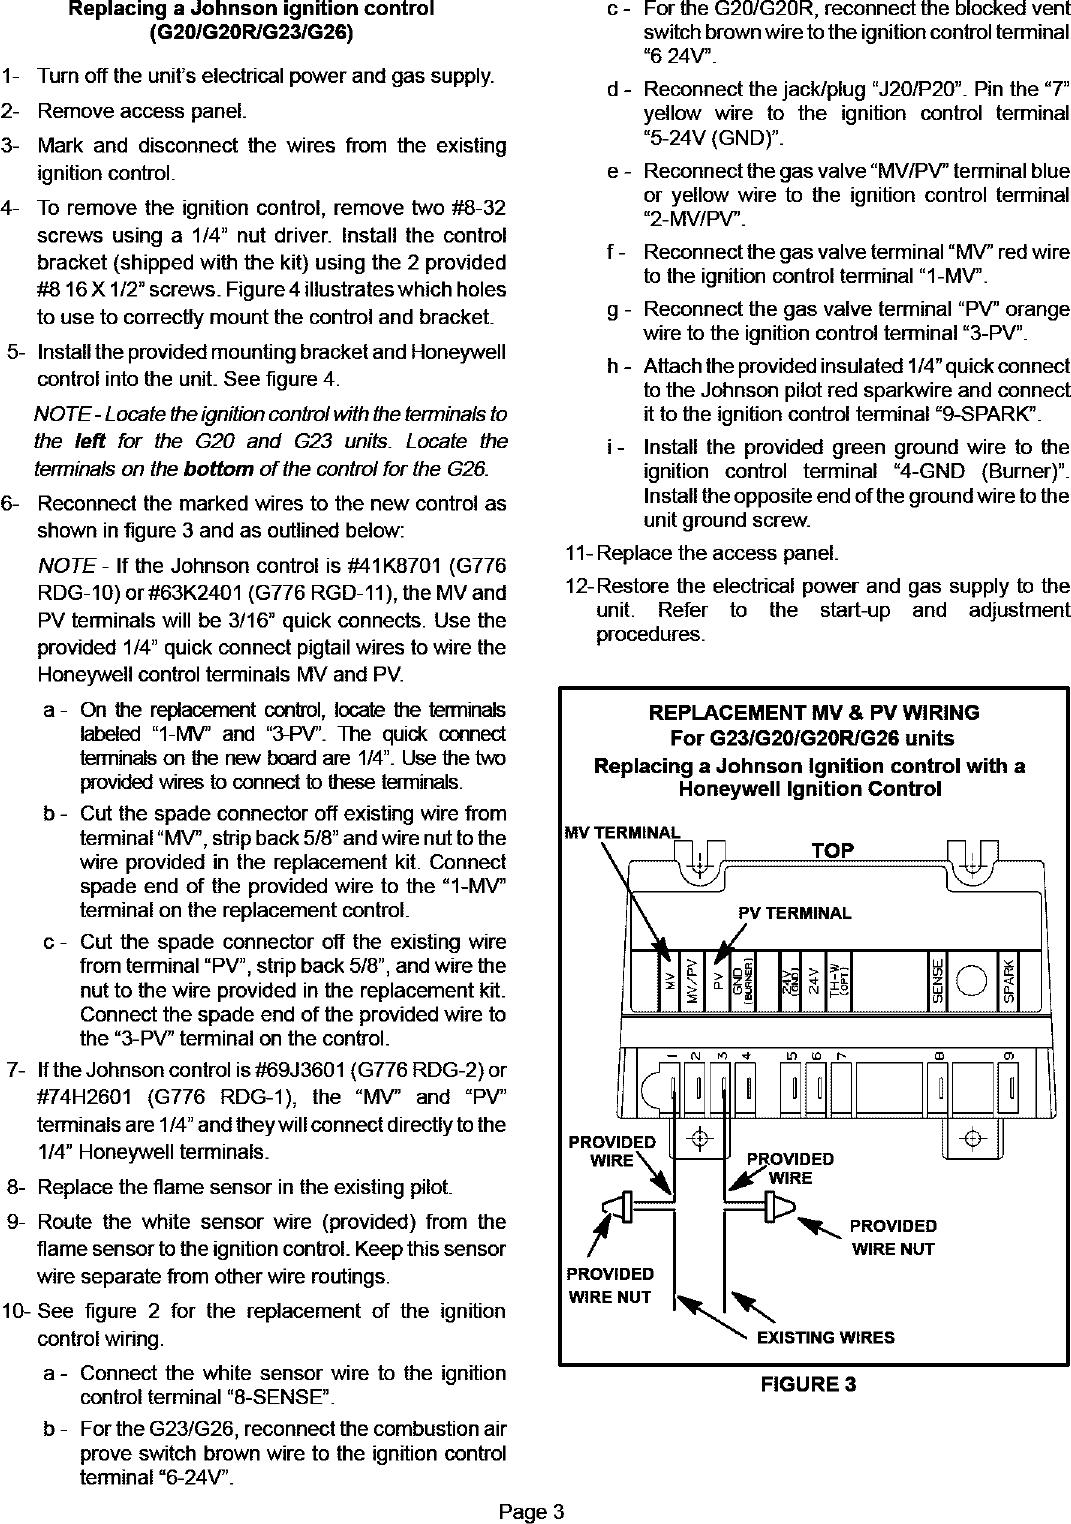 Ausgezeichnet Lennox 97l4801 Schaltplan Ideen - Schaltplan Serie ...